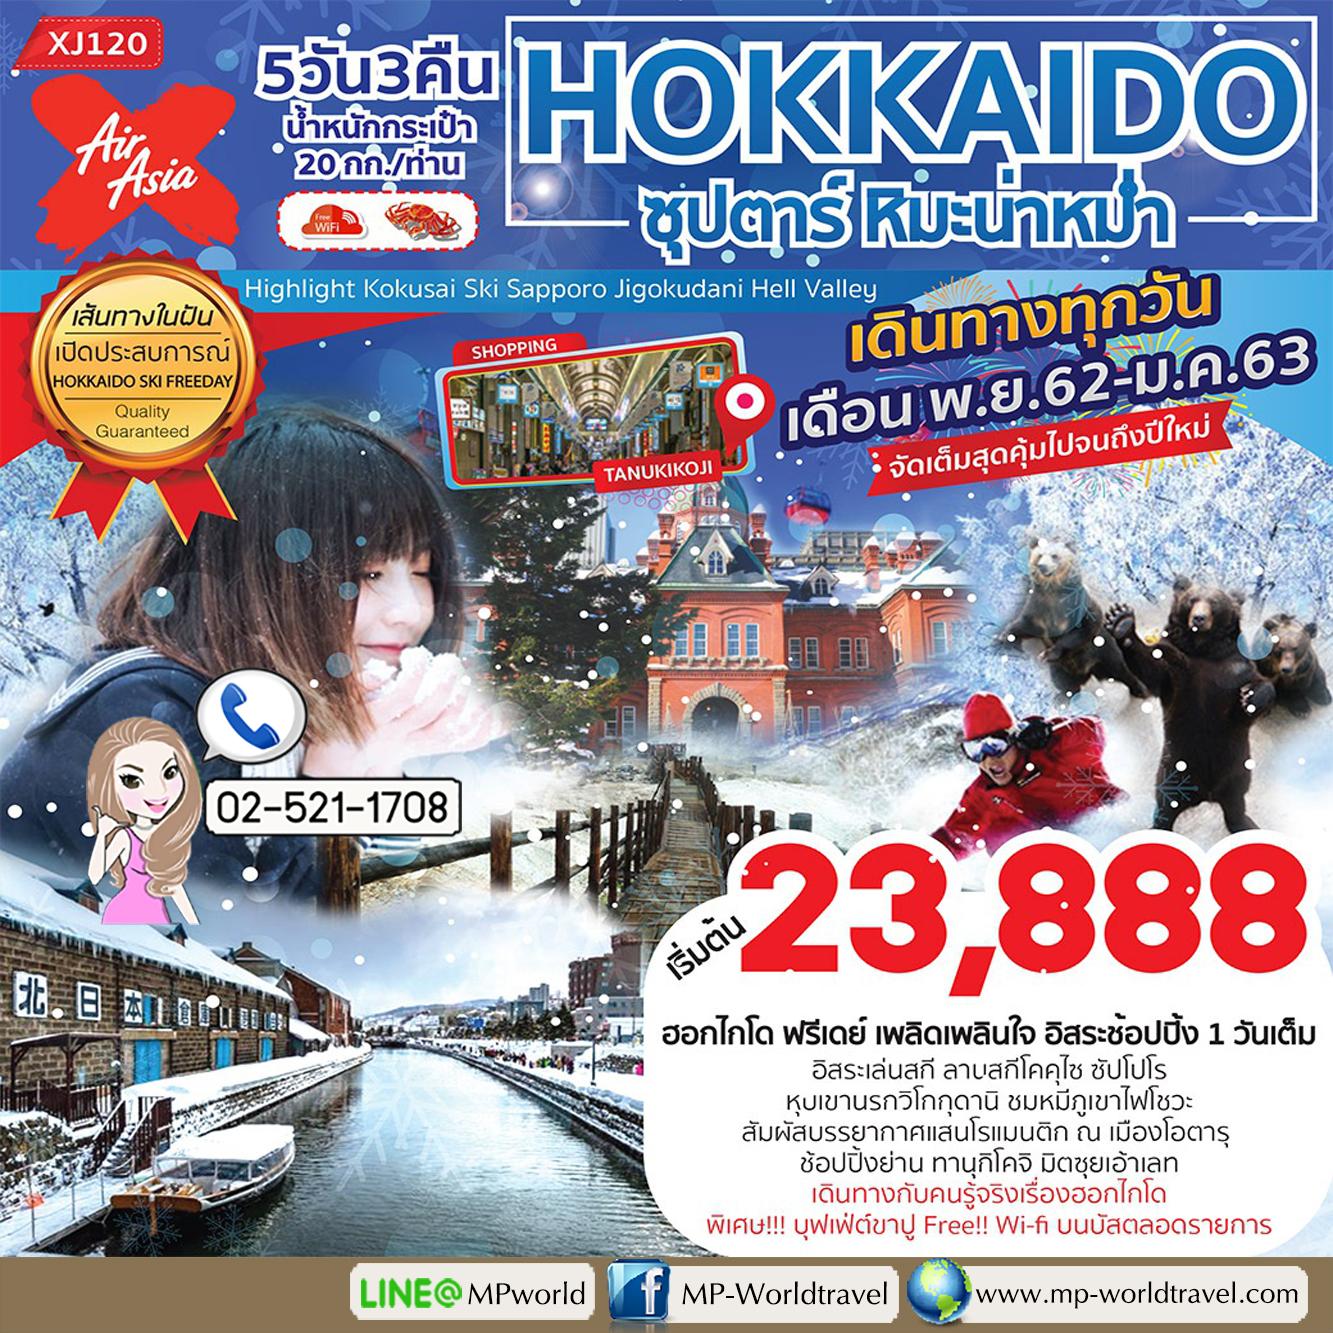 XJ120 Hokkaido Ski Freeday 5D3N ซุปตาร์ หิมะ น่าหม่ำ 5D3N BY XJ